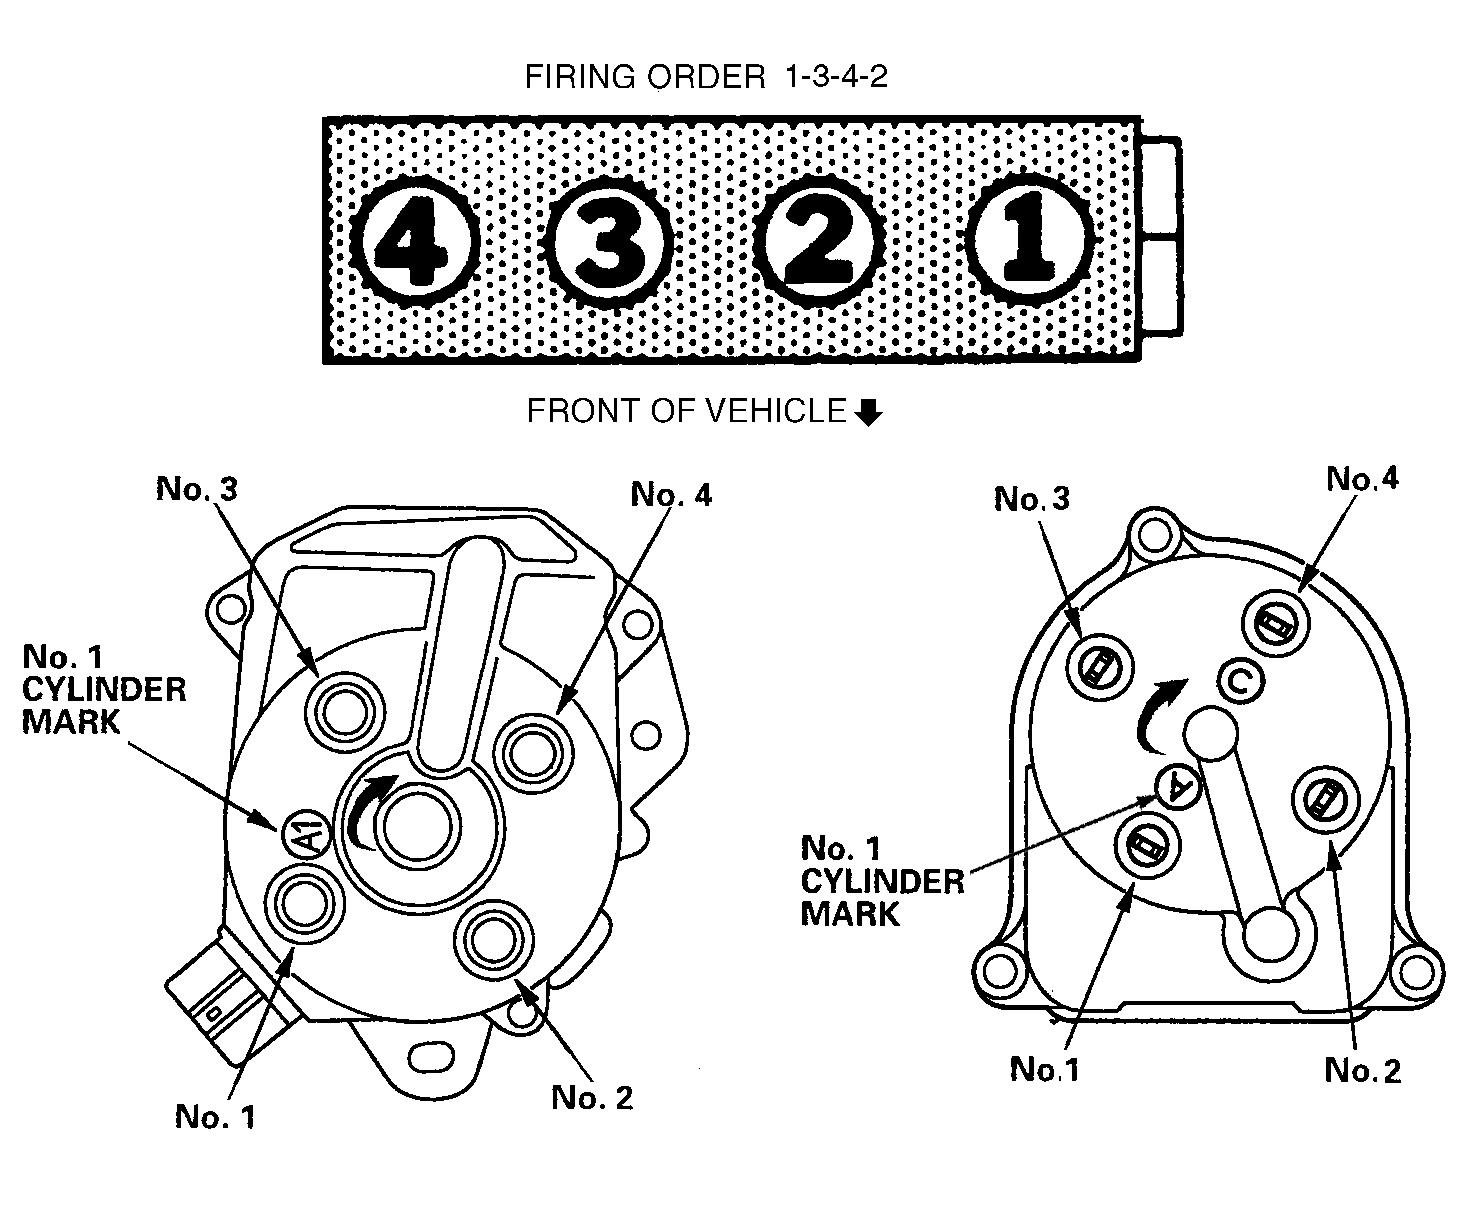 Diagram] 2007 Honda Accord Firing Order Diagram Full Version